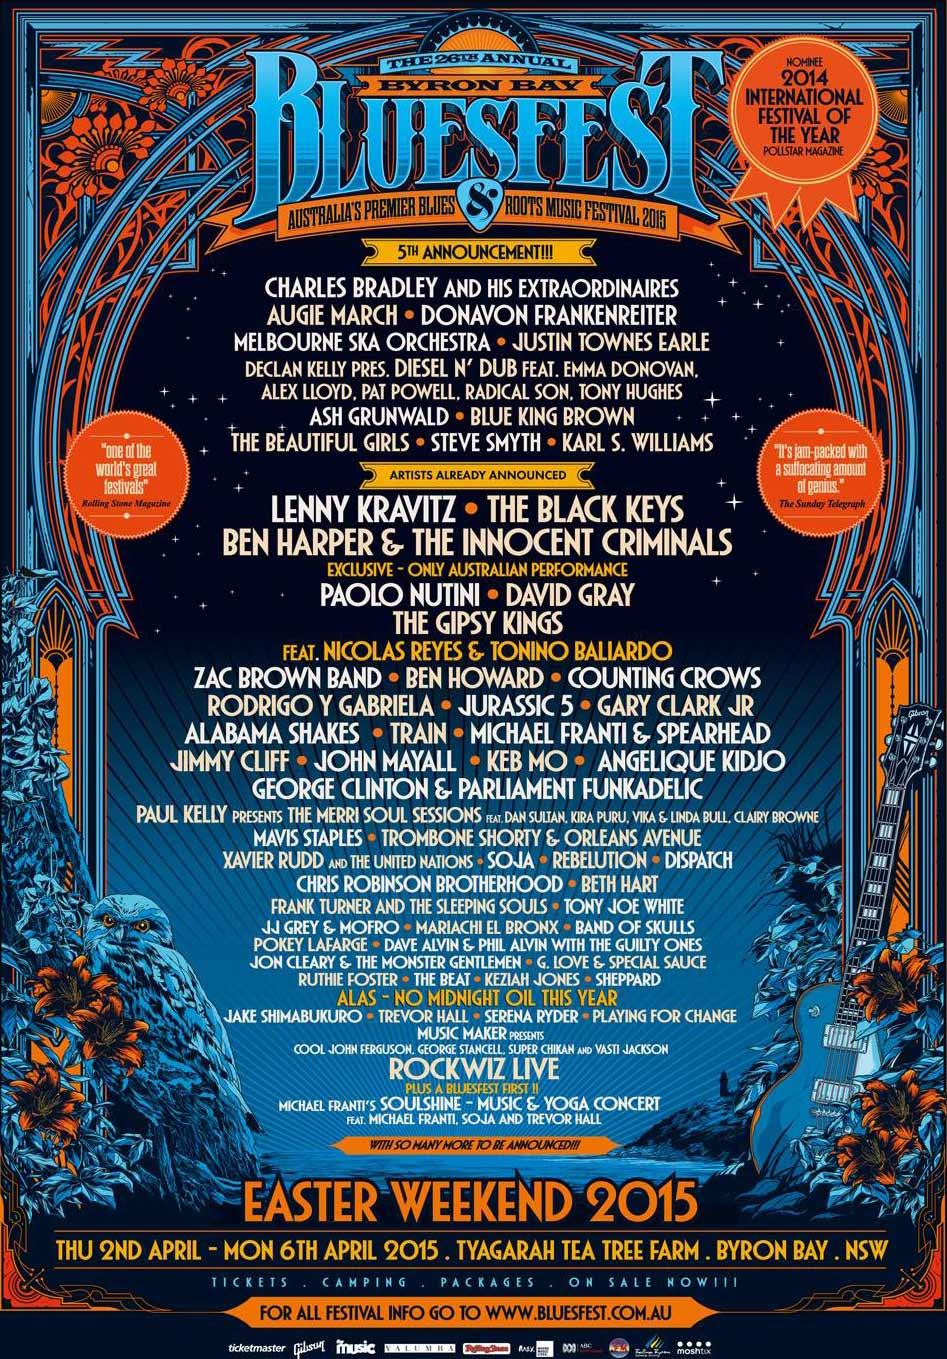 Bluesfest Poster